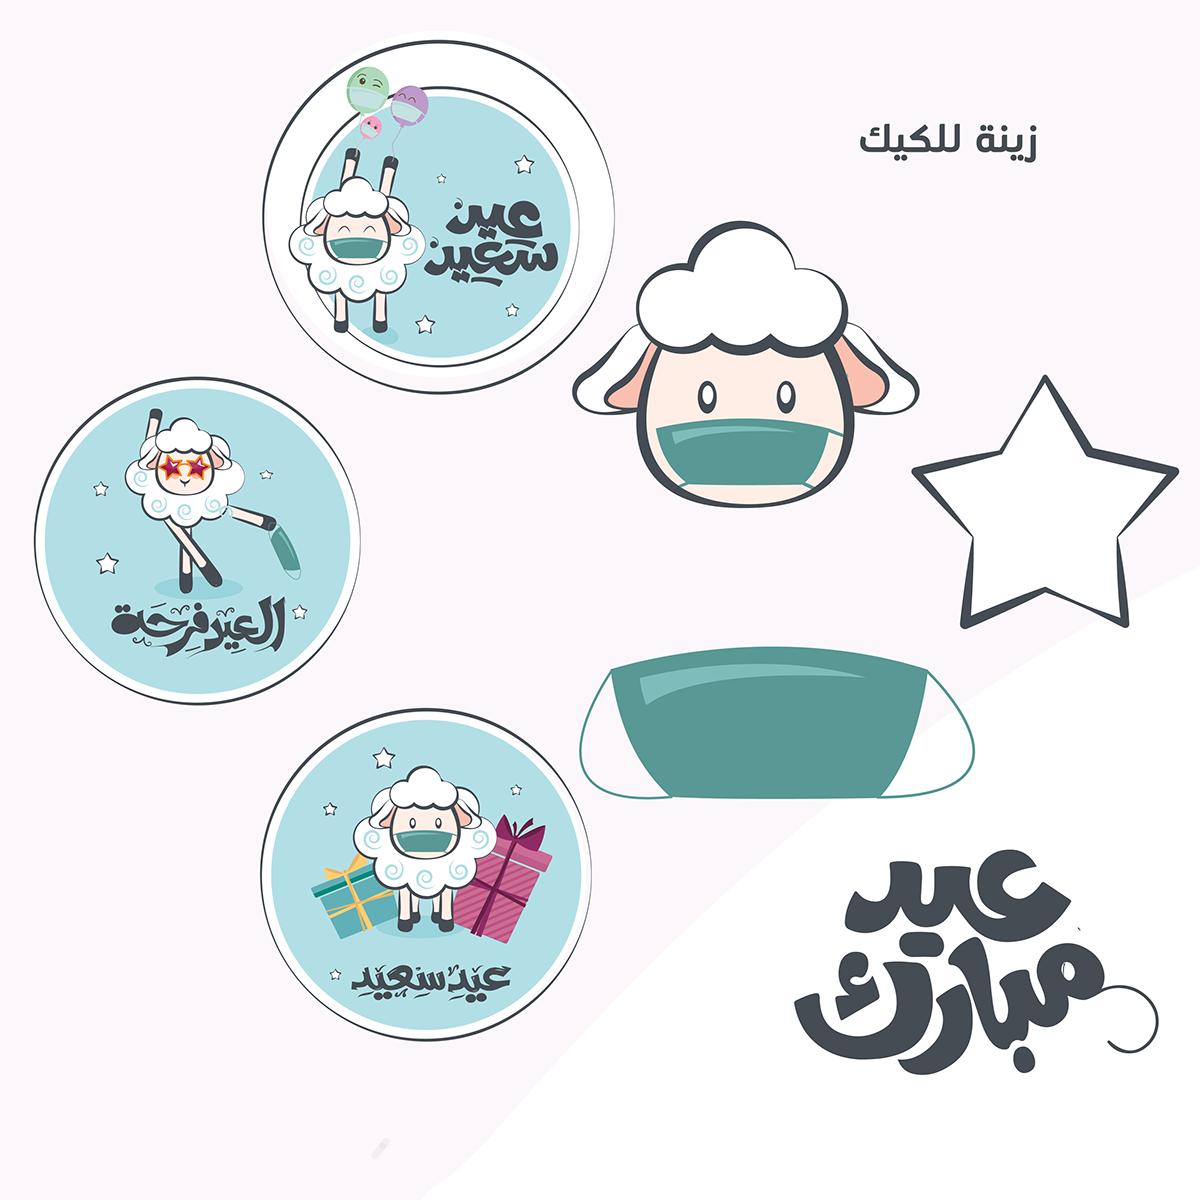 زينة لعيد الاضحى المبارك On Behance Animated Drawings Drawings Graphic Design